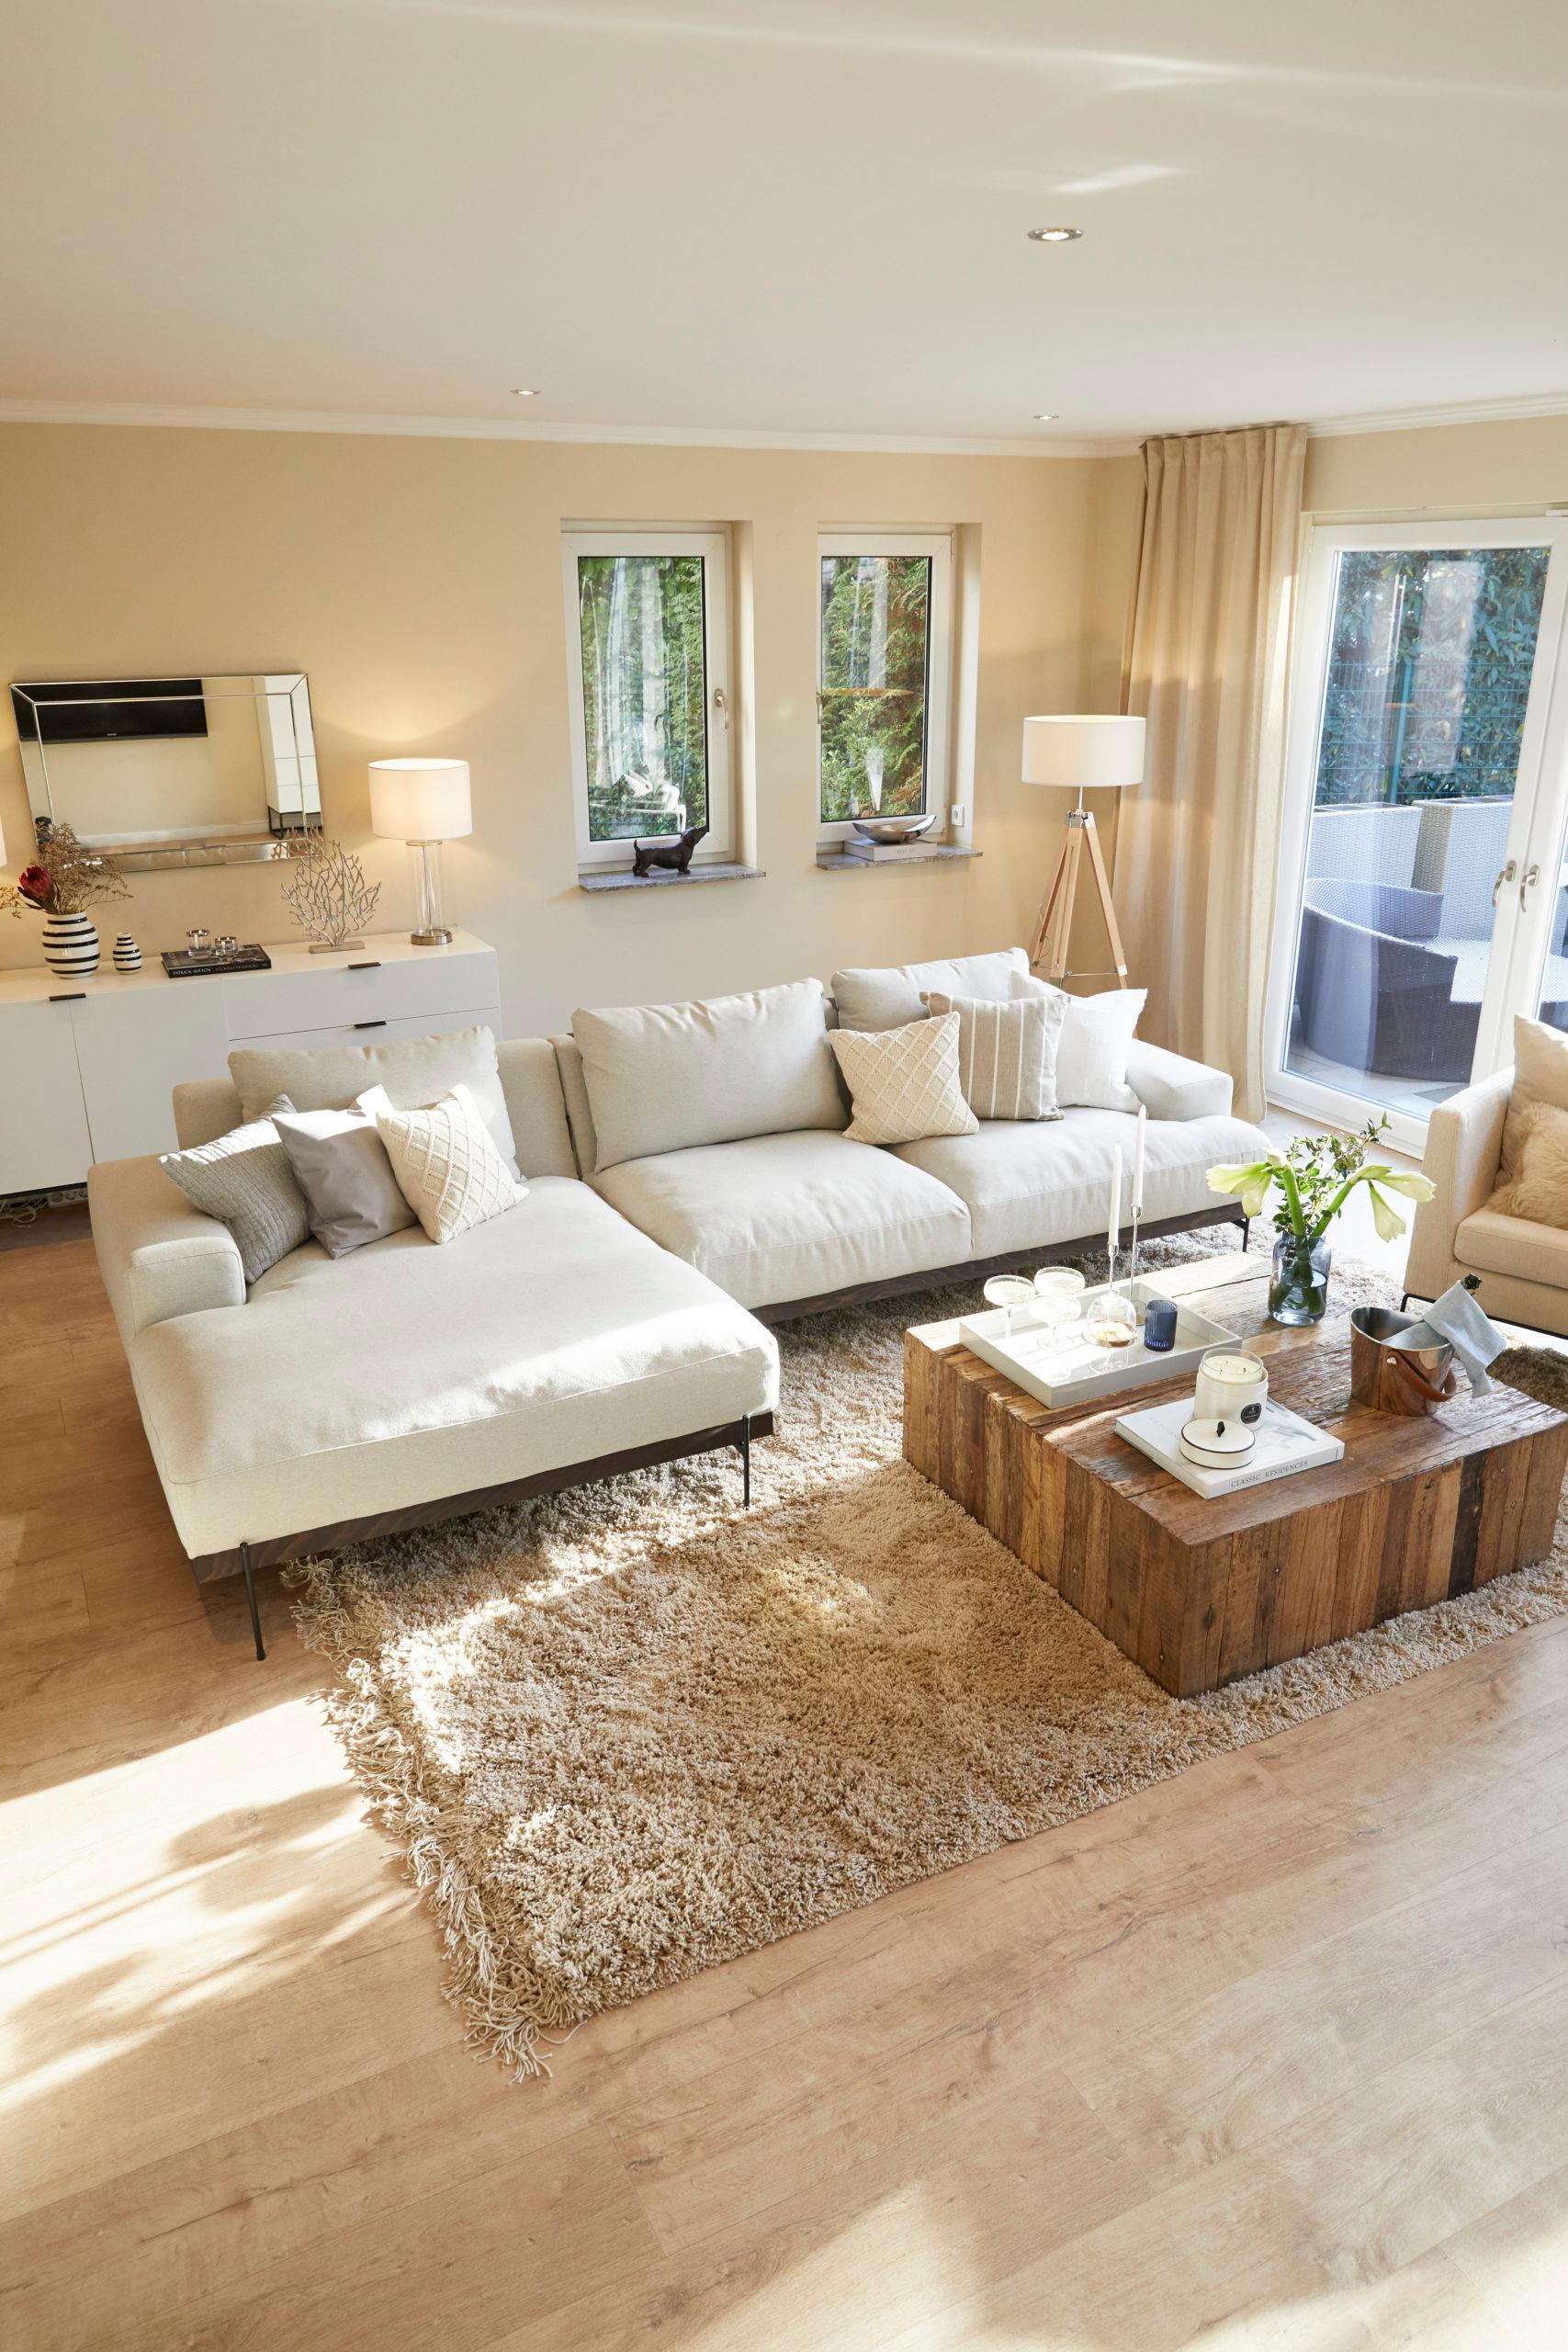 Kleurenkaart beige muur met zandkleurige hoekbank met houten salontafel